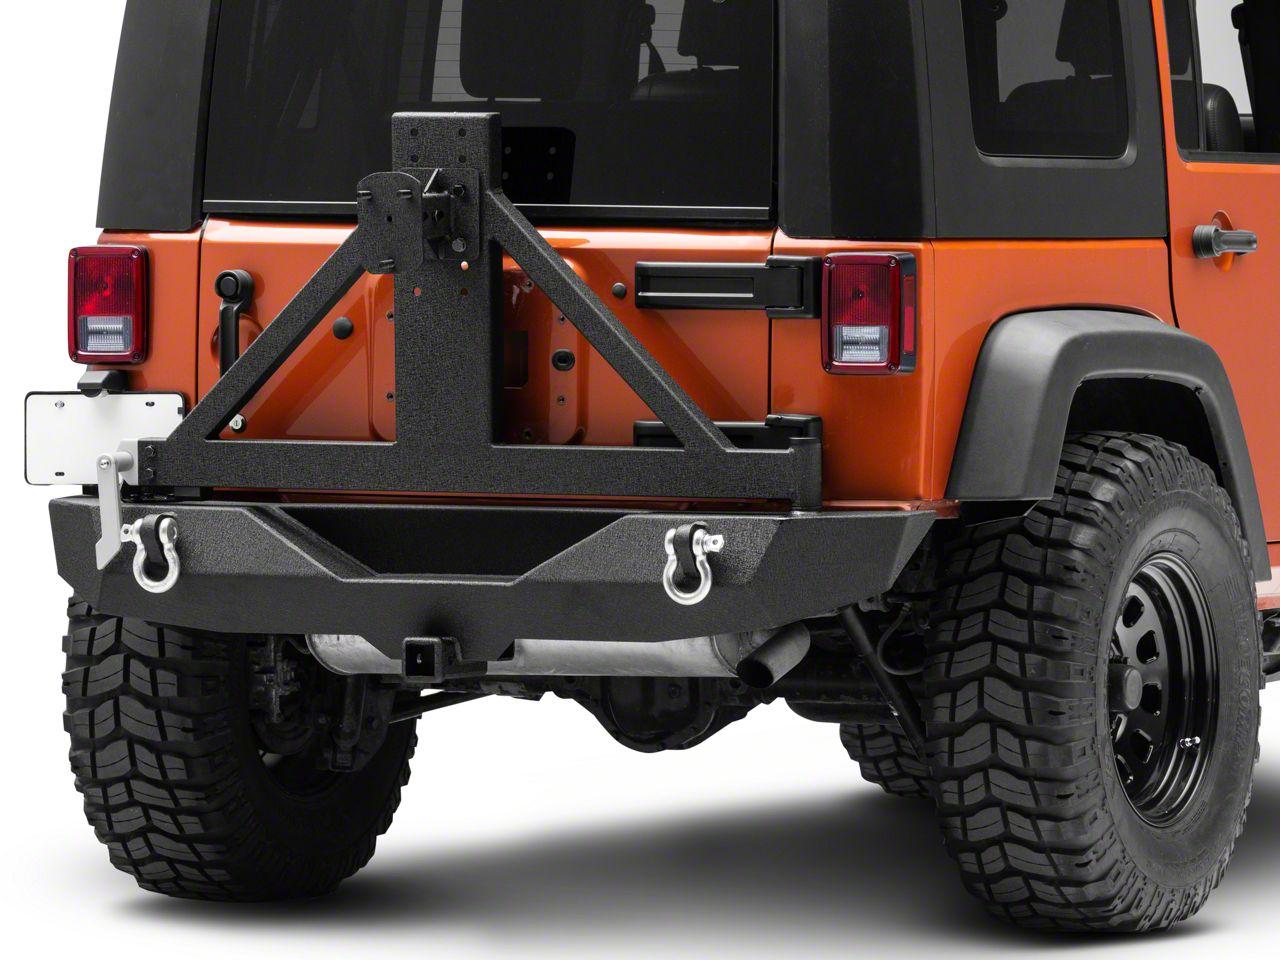 Barricade Trail Force HD Rear Bumper w/ Tire Carrier (07-18 Jeep Wrangler JK)